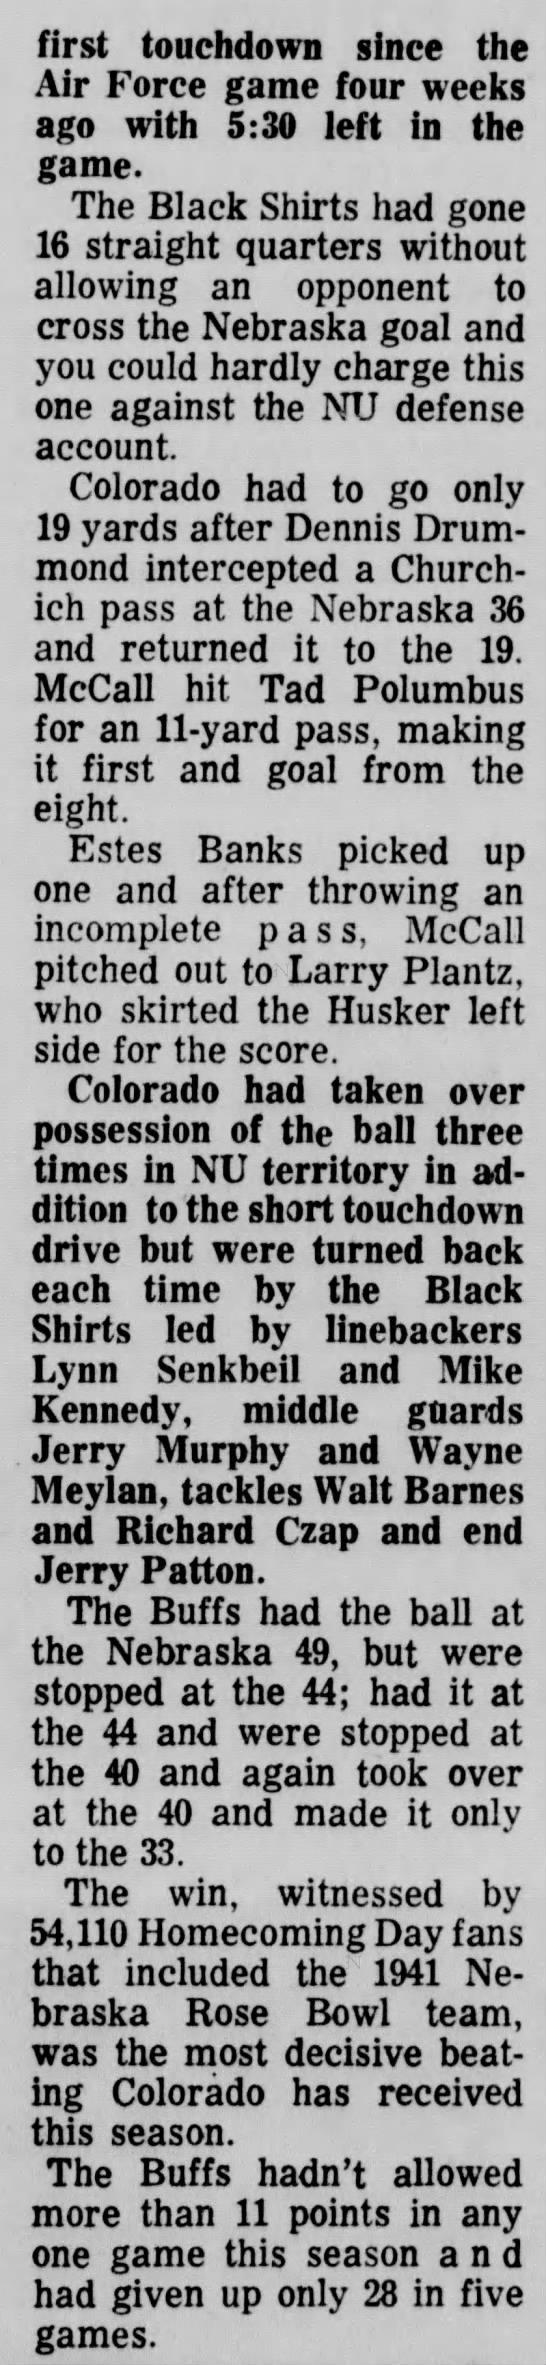 1965 Nebraska-Colorado football, part 3 -